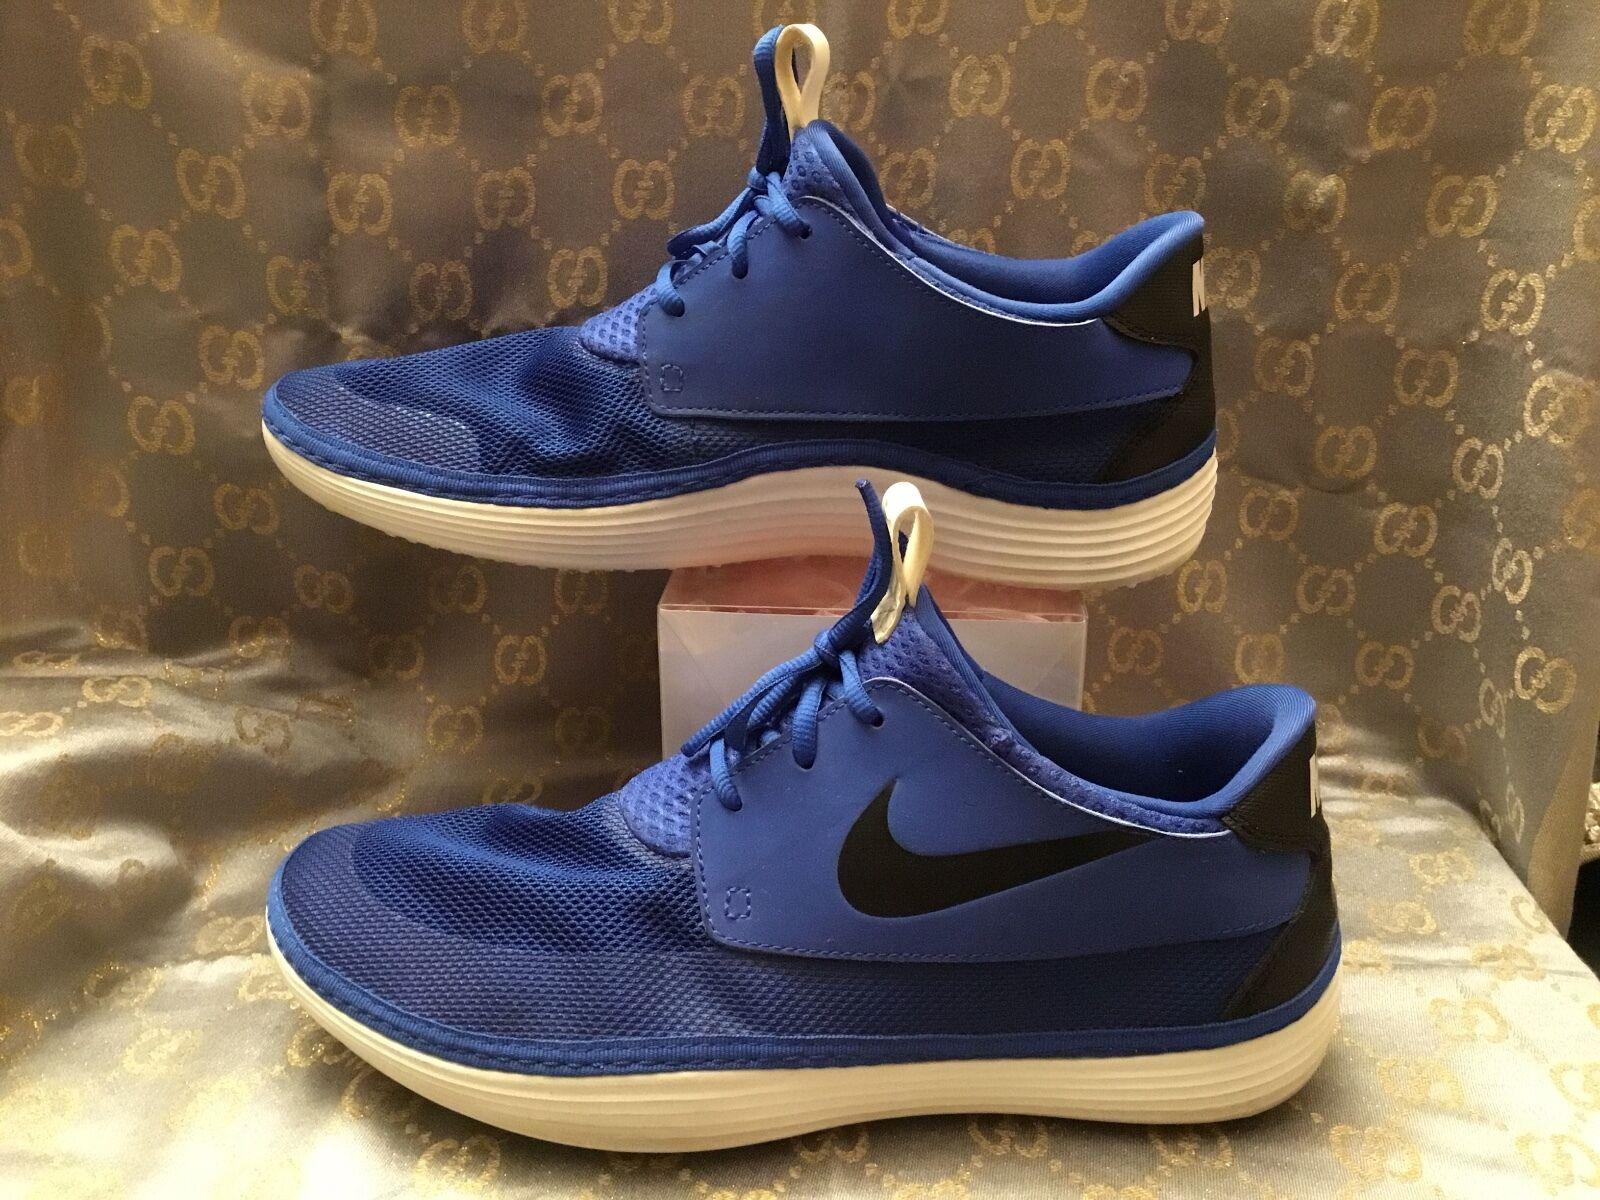 Hombre Nike Solarsoft 11.El mocassin zapatos deportivos, tamaño 11.El Solarsoft modelo mas vendido de la marca 58129a